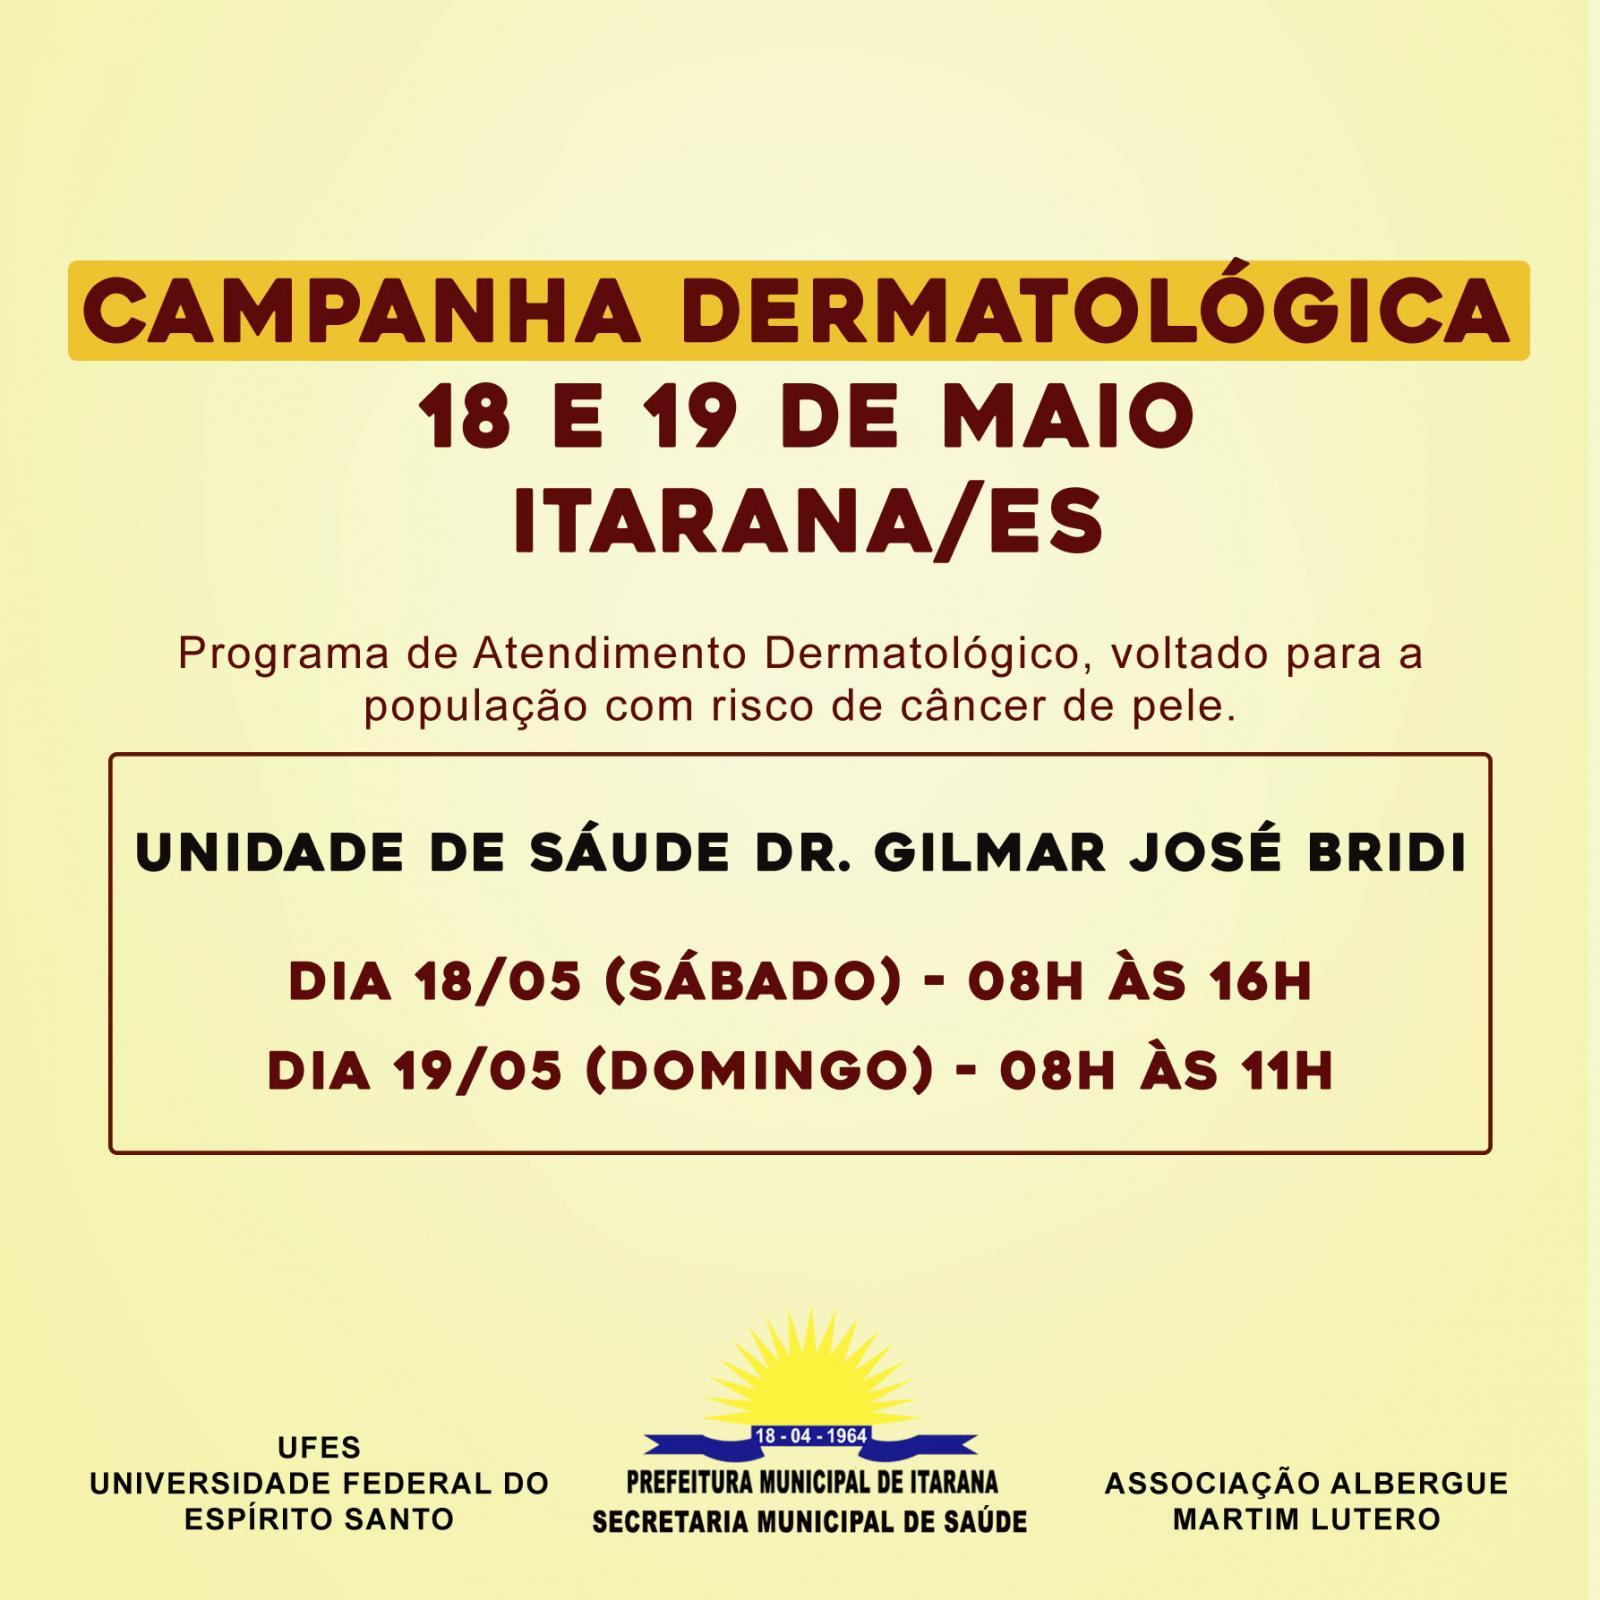 Itarana receberá Campanha Dermatológica nos dias 18 e 19 de maio